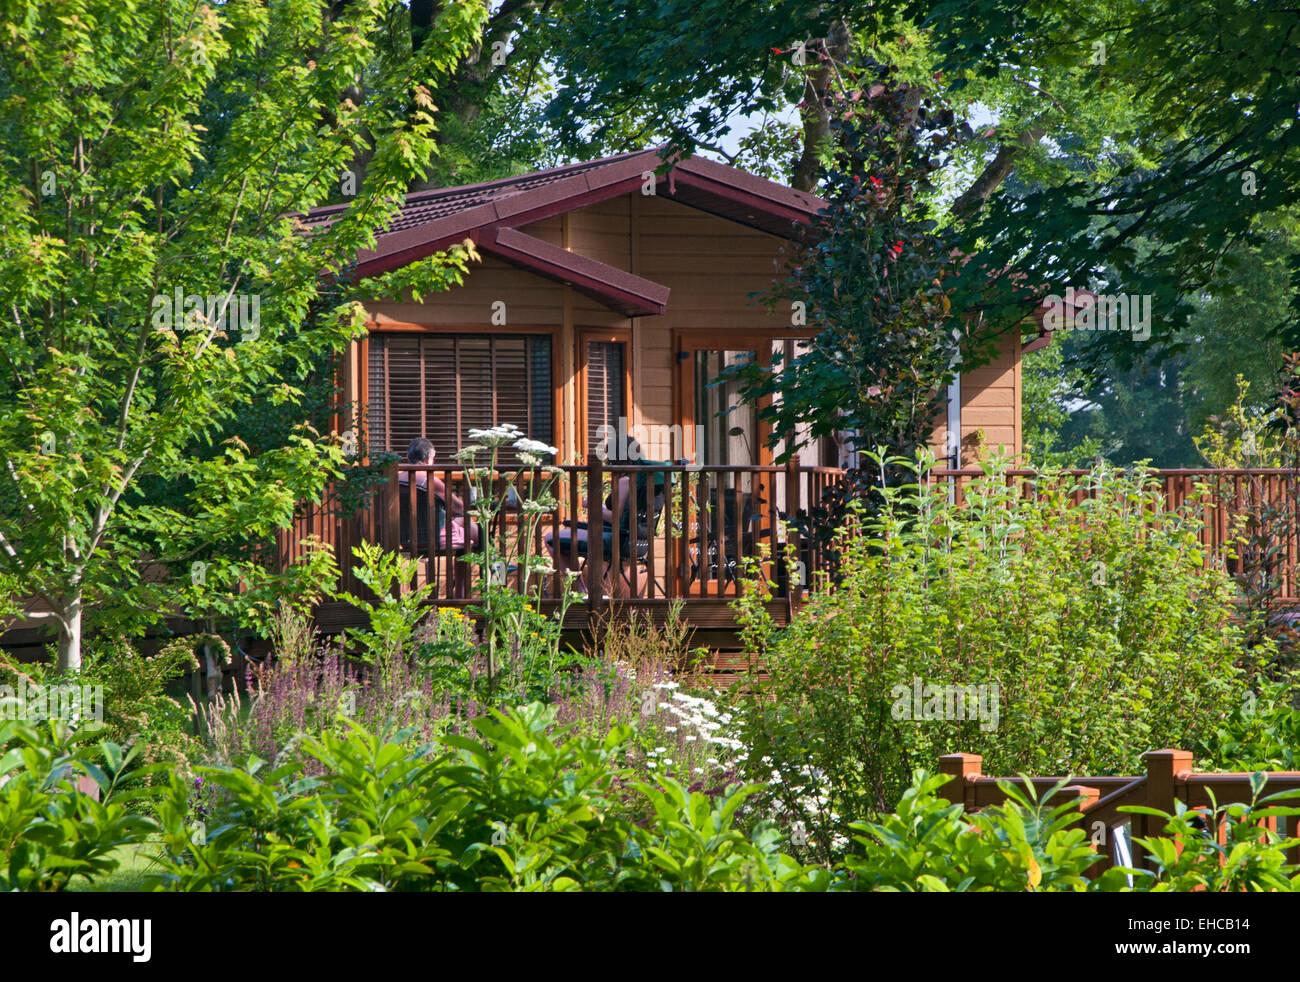 Casa de férias lodge, no norte do País de Gales, Reino Unido Imagens de Stock